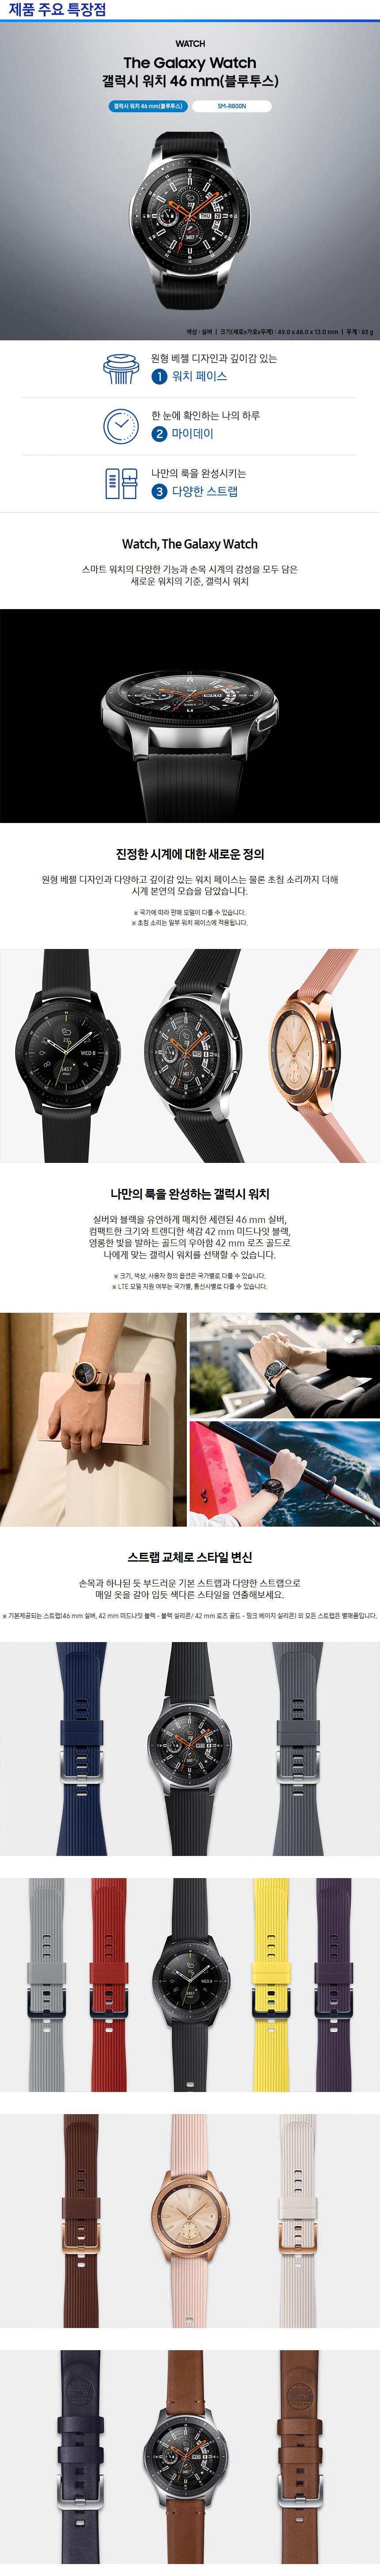 제품 주요 특장점 WATCH The Galaxy Watch 갤럭시 워치 46mm (블루투스) 색상:실버 크기(세로x가로x두께):49.0x46.0x13.0mm 무게:63g 원형 베젤 디자인과 깊이감 있는 1. 워치페이스 한 눈에 확인하는 나의 하루 2.마이데이 나만의 룩을 완성시키는 3. 다양한 스트랩 Watch, The Galaxy Watch  스마트 워치의 다양한 기능과 손목 시계의 감성을 모두 담은 새로운 워치의 기준 갤럭시 워치 진정한 시계에 대한 새로운 정의 원형 베젤 디자인과 다양하고 깊이감 있는 워치 페이스는 물론 초점 소리까지 더해 시계 본연의 모습을 담았습니다 국가에 따라 판매 모델이 다를 수 있습니다. 초침 소리는 일부 워치 페이스에 적용됩니다. 나만의 룩을 완성하는 갤럭시 워치 실버와 블랙을 유연하게 매치한 세련된 46mm실버, 컴팩트한 크기와 트렌디한 색감 42mm 미드나잇 블랙, 영롱한 빛을 발하는 골드의 우아함 42mm 로즈 골드로 나에게 맞는 갤럭시 워치를 선택할 수 있습니다. 크기, 색상, 실버와 블랙을 유연하게 매치한 세련된 46mm 실버 컴팩트한 크기와 트렌디한 색감 42mm 미드나잇 블랙 영롱한 빛을 발하는 골드의 우아함 42mm 로즈 골드로 나에게 맞는 갤럭시 워치를 선택할 수 있습니다 크기, 색상, 사용자 정의 옵션은 국가별로 다를 수 있습니다.  LTE 모델 지원 여부는 국가별, 통신사별로 다를 수 있습니다. 스트랩 교체로 스타일 변신 손목과 하나된 듯 부드러운 기본 스트랩과 다양한 스트랩으로 매일 옷을 갈아 입듯 색다른 스타일을 연출해보세요. 기본제공되는 스트랩(46mm 실버, 42mm 미드나잇 블랙- 블랙 실리콘/ 42mm 로즈 골드- 핑크 베이지 실리콘) 외 모든 스트랩은 별매품입니다